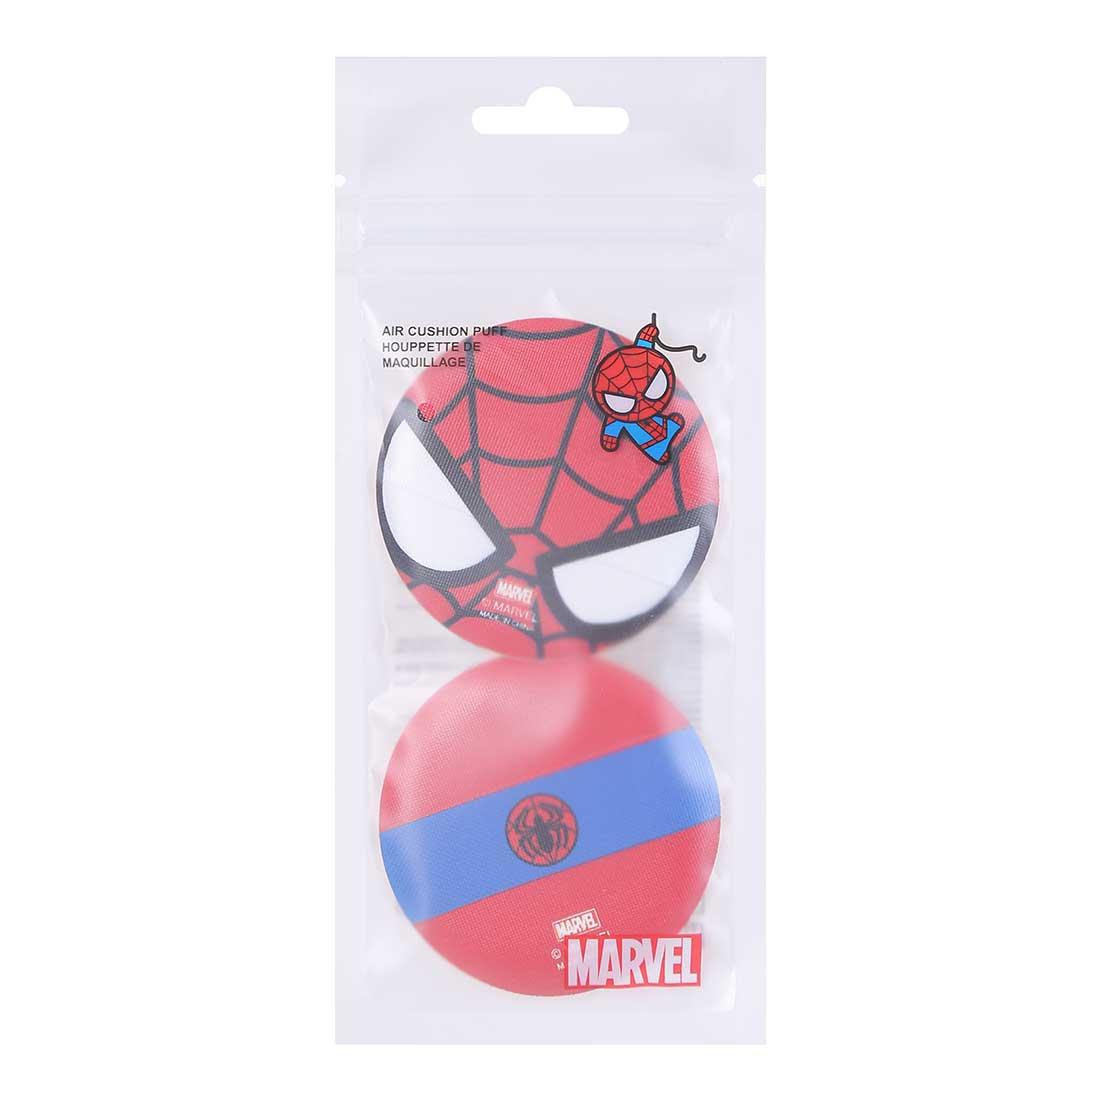 Bông phấn trang điểm Miniso Marvel 4g - Hàng chính hãng